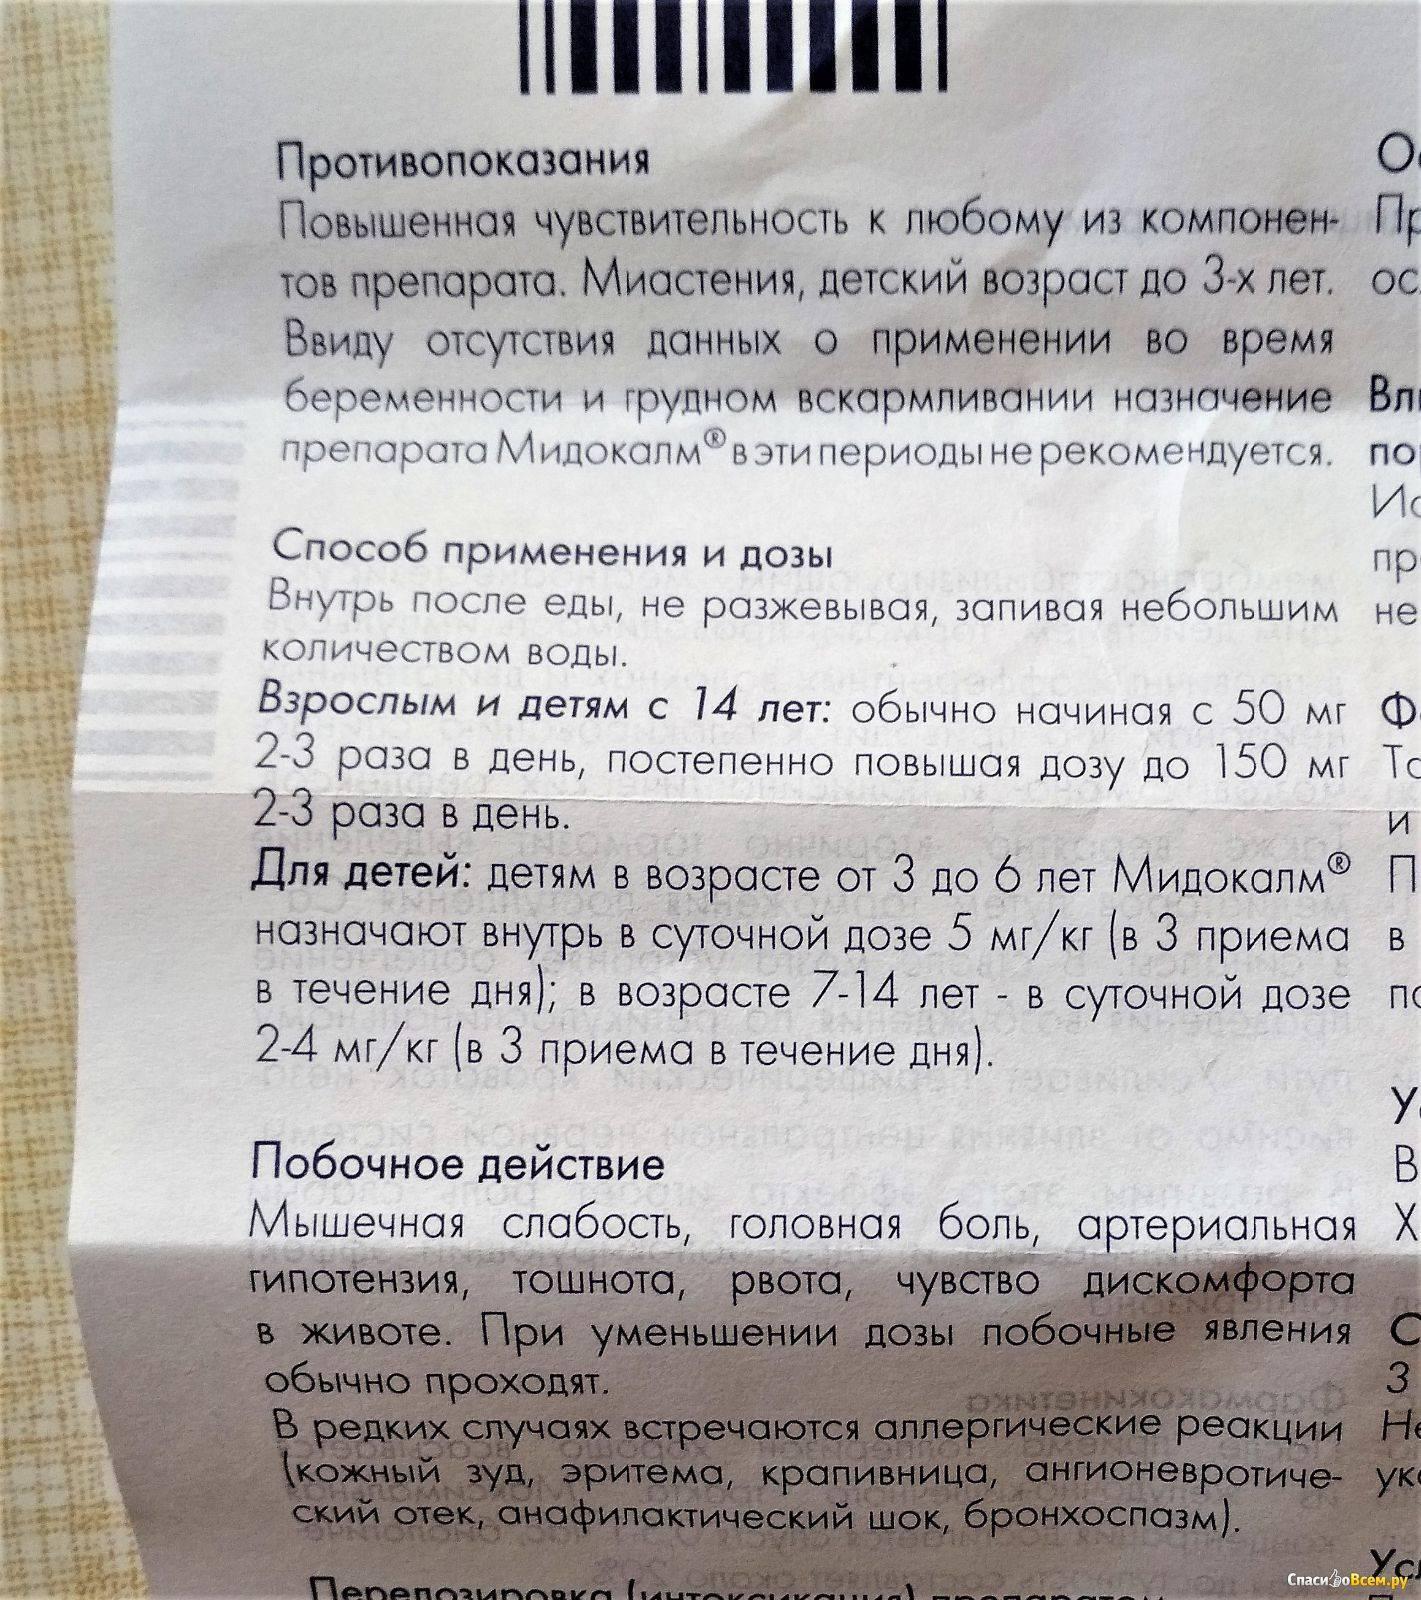 «циклодинон» вгинекологии: эффективность при нарушениях менструального цикла